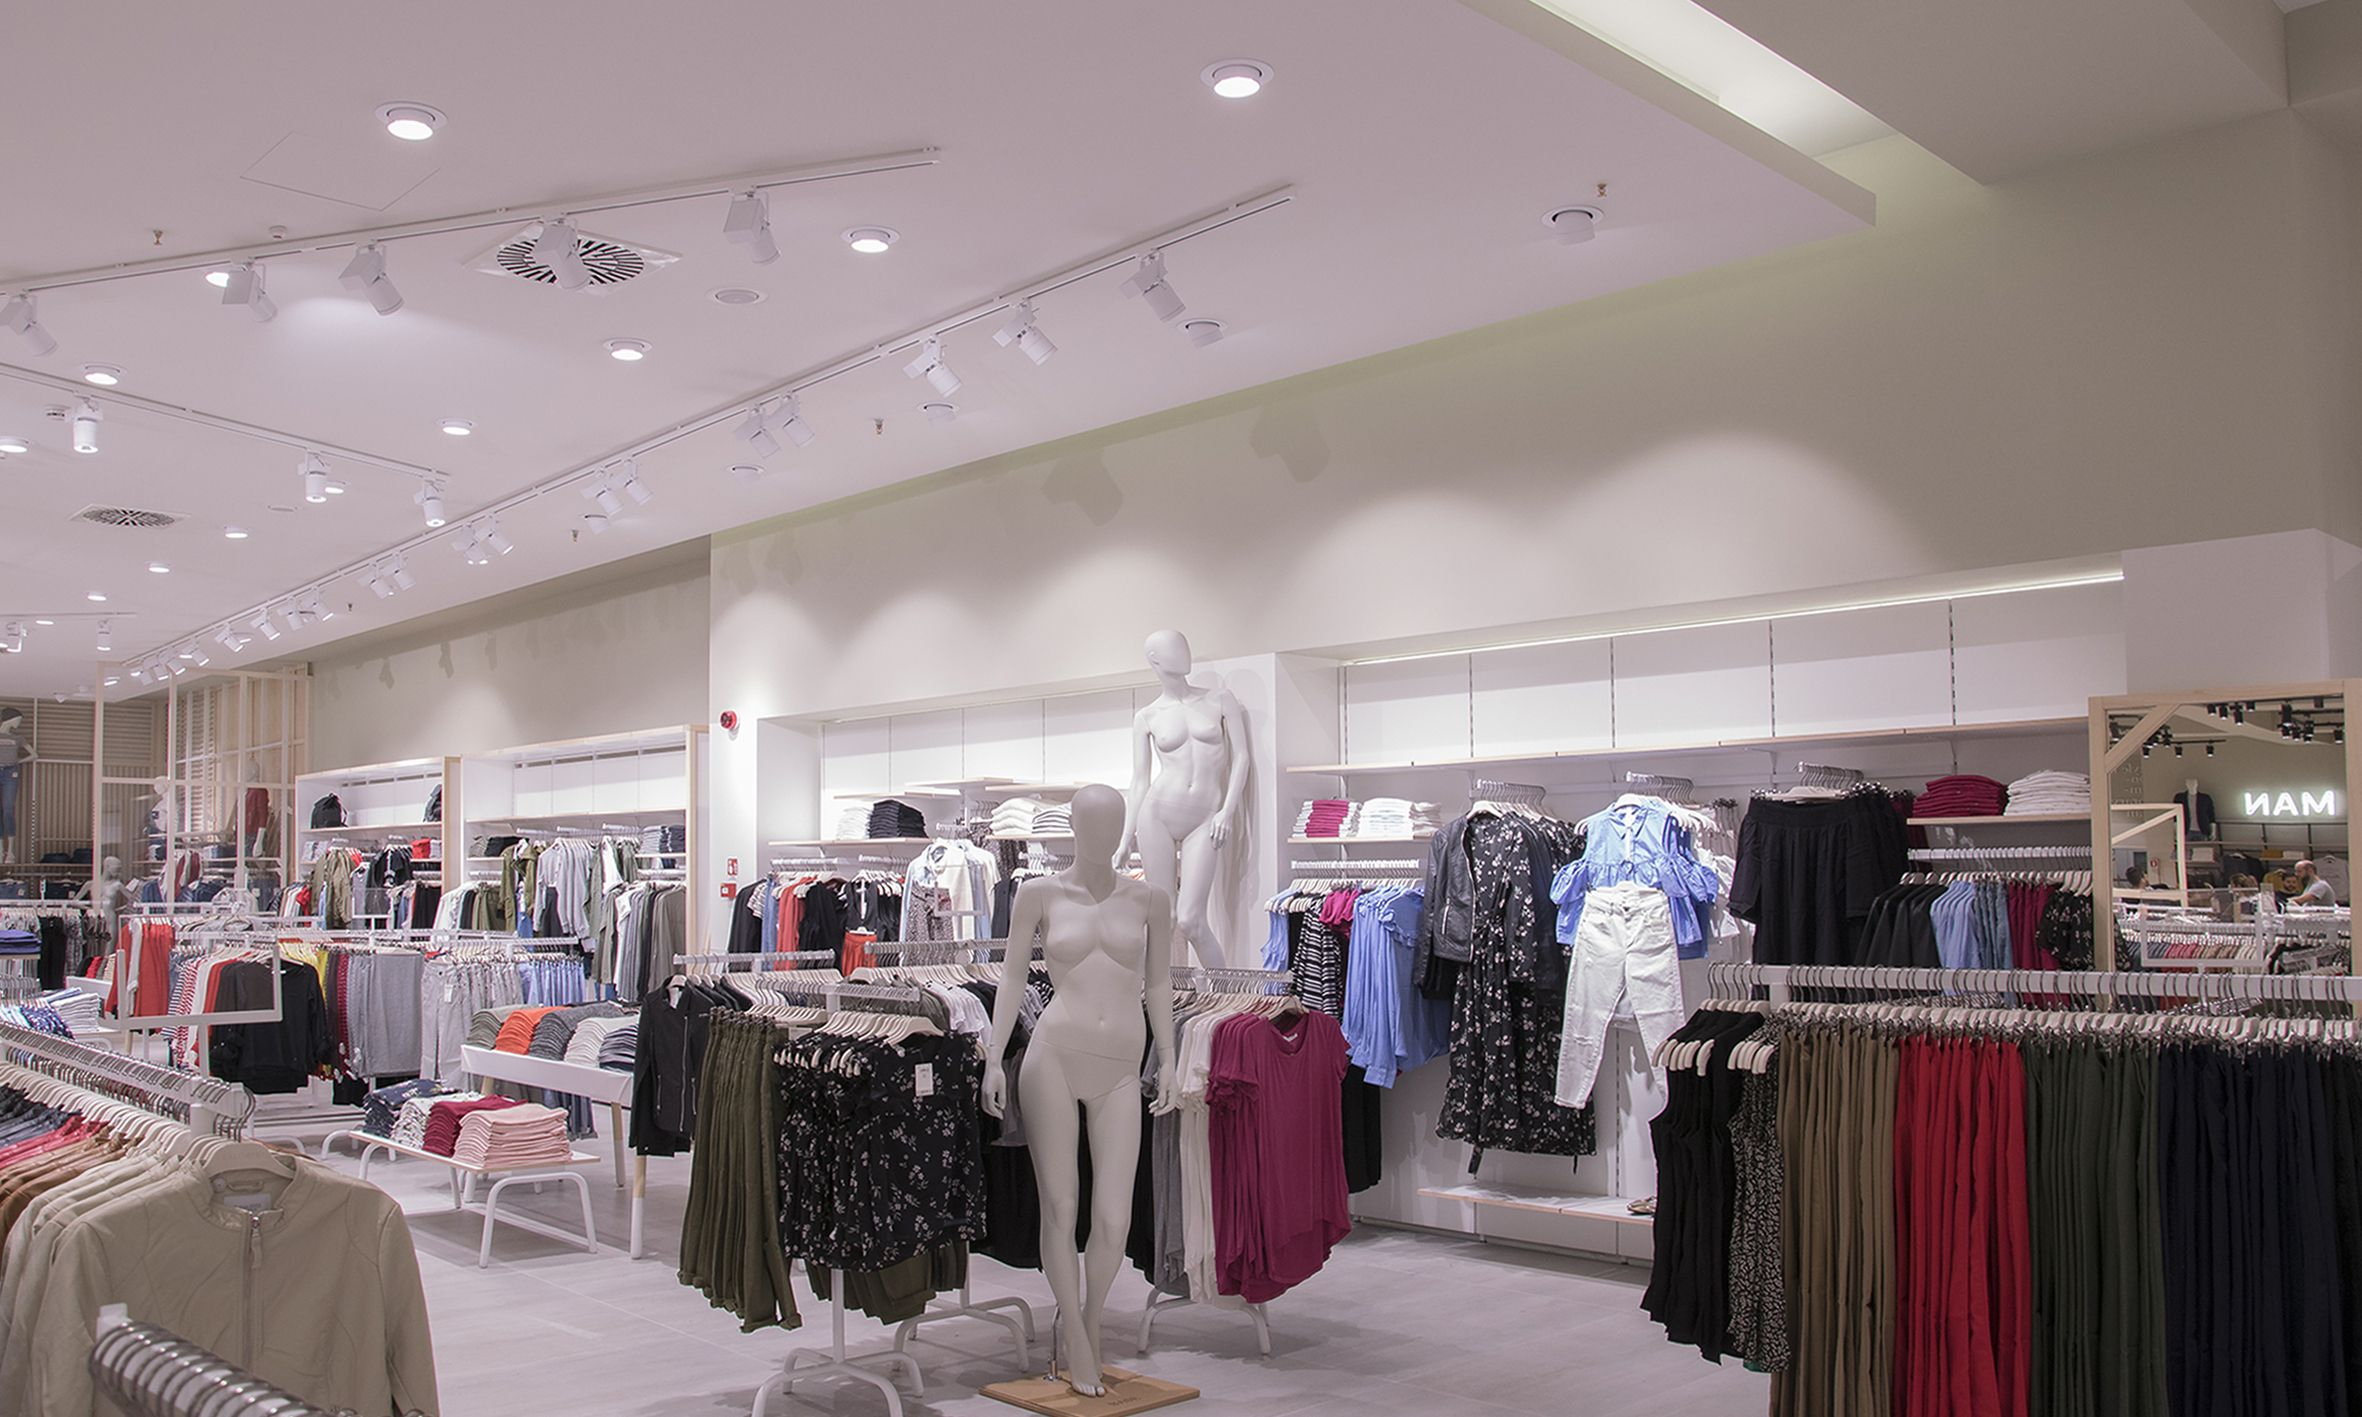 Negozi Di Arredamento Frosinone.Calliope Retail Store Frosinone Fr By Ad Store More Work